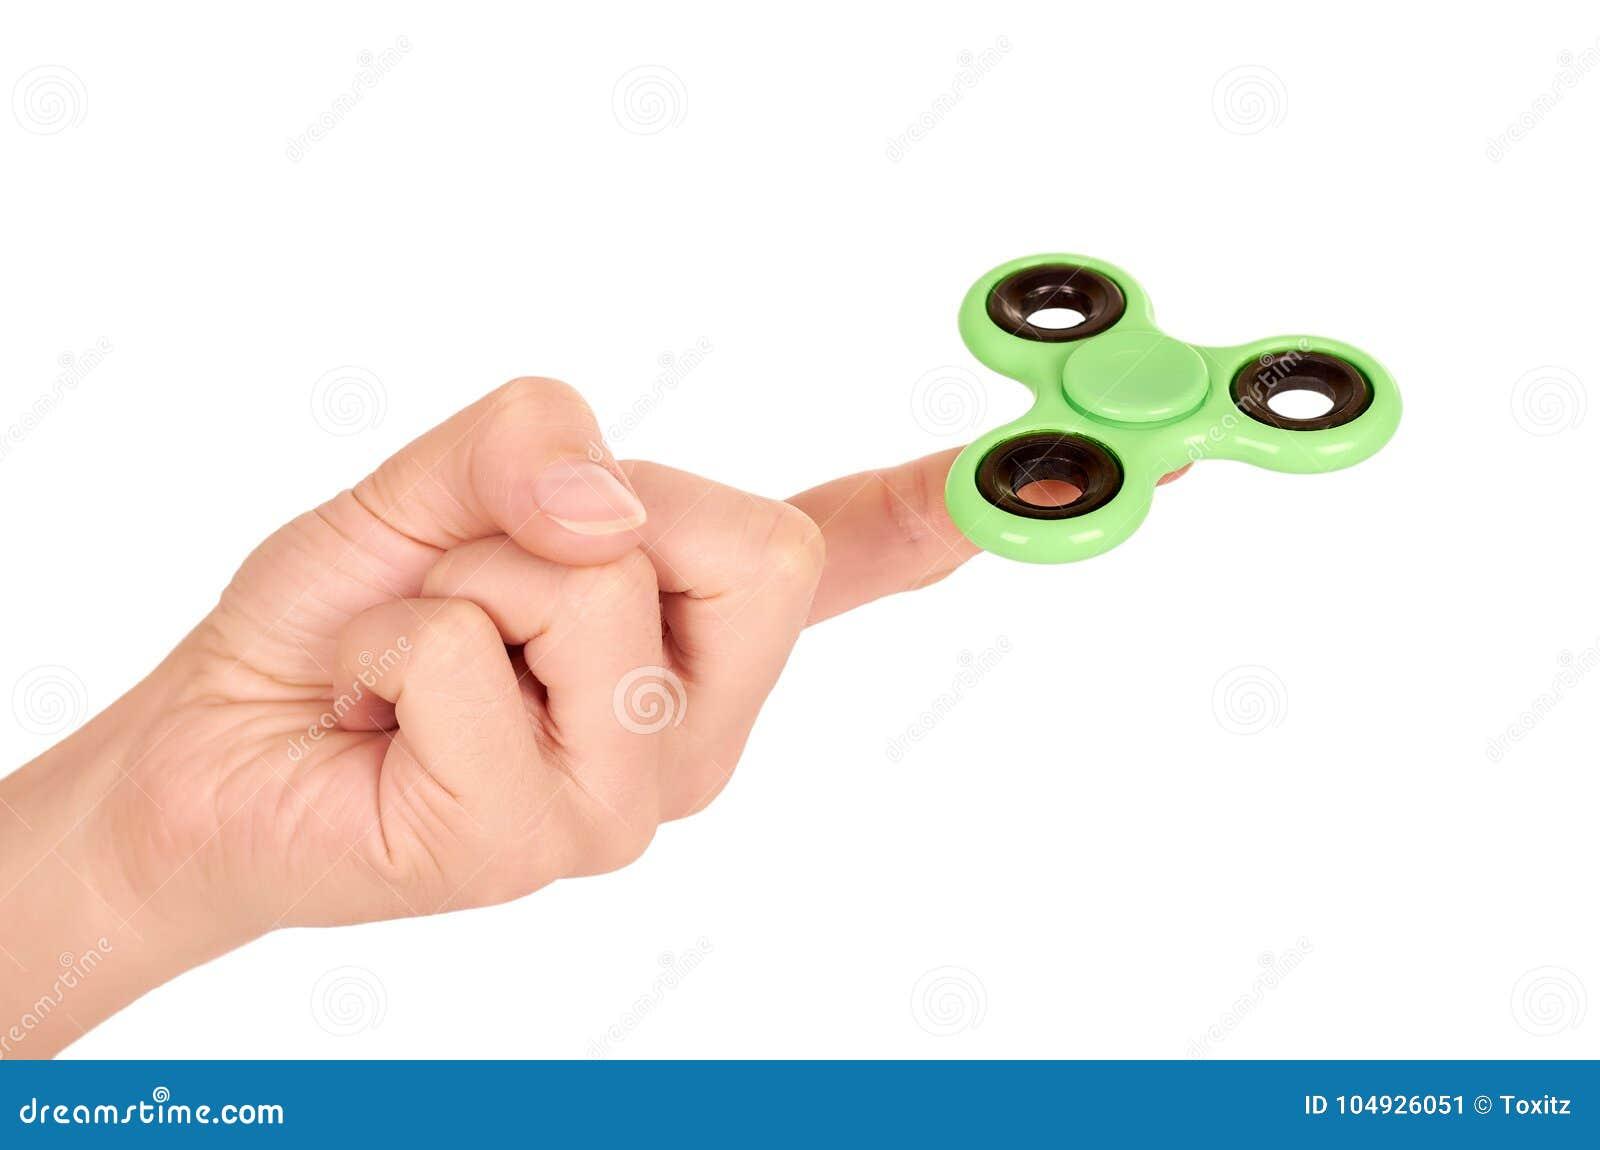 Hilandero verde de la persona agitada a disposición aislado en el fondo blanco